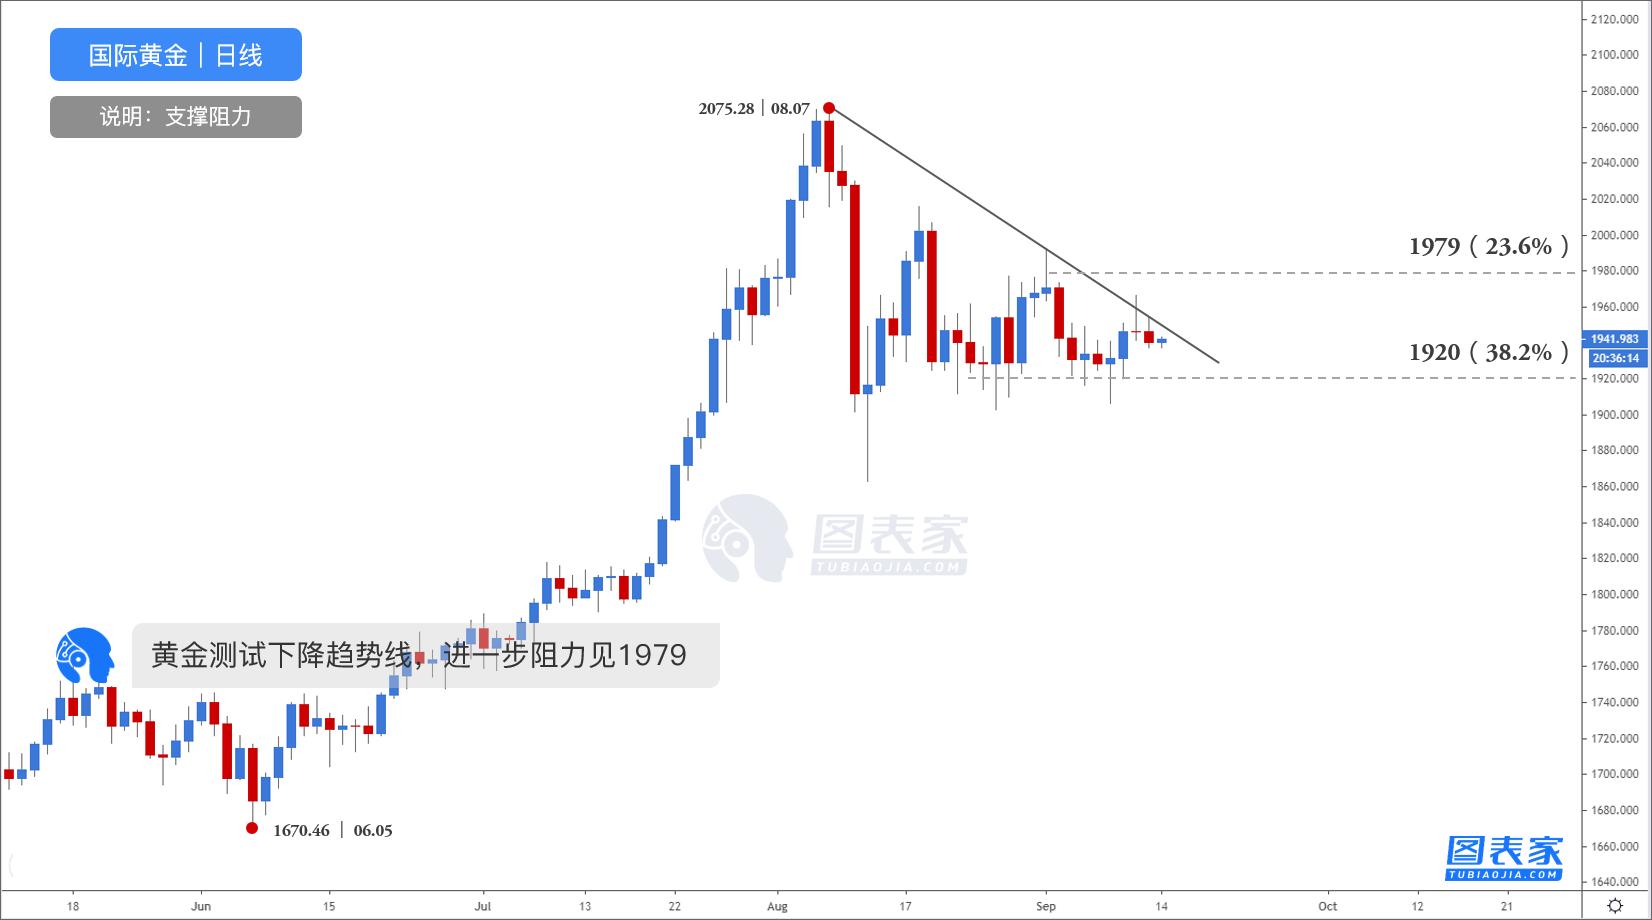 黄金期货直播间技术图表:黄金受三角形下轨支撑反弹,上方阻力见1949 恒指期货行情 第2张